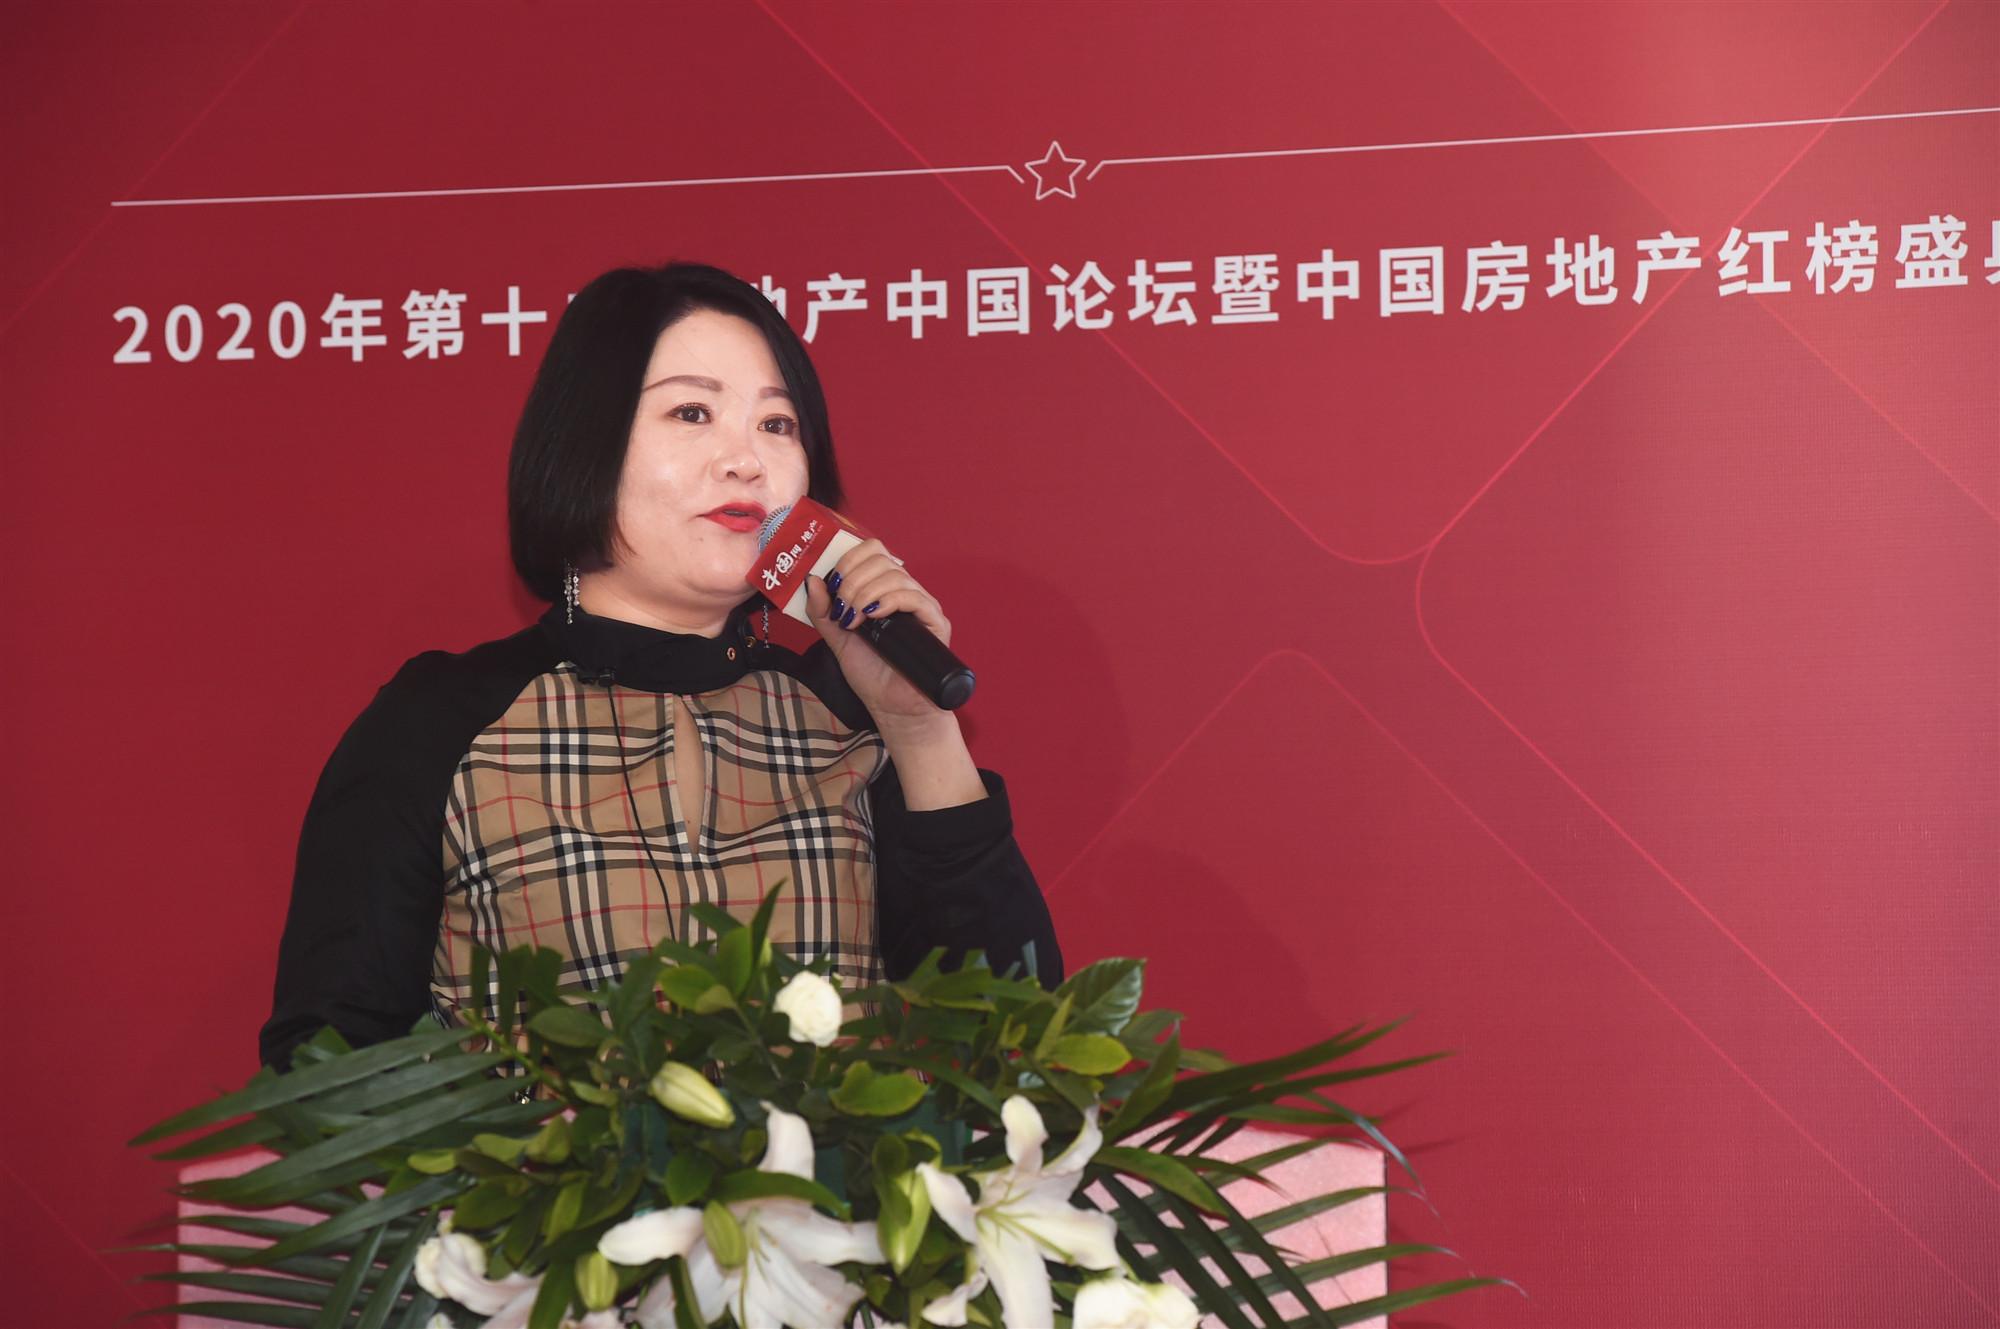 万年基业秦娜:三类客户为IP实景娱乐的主力客群-中国网地产